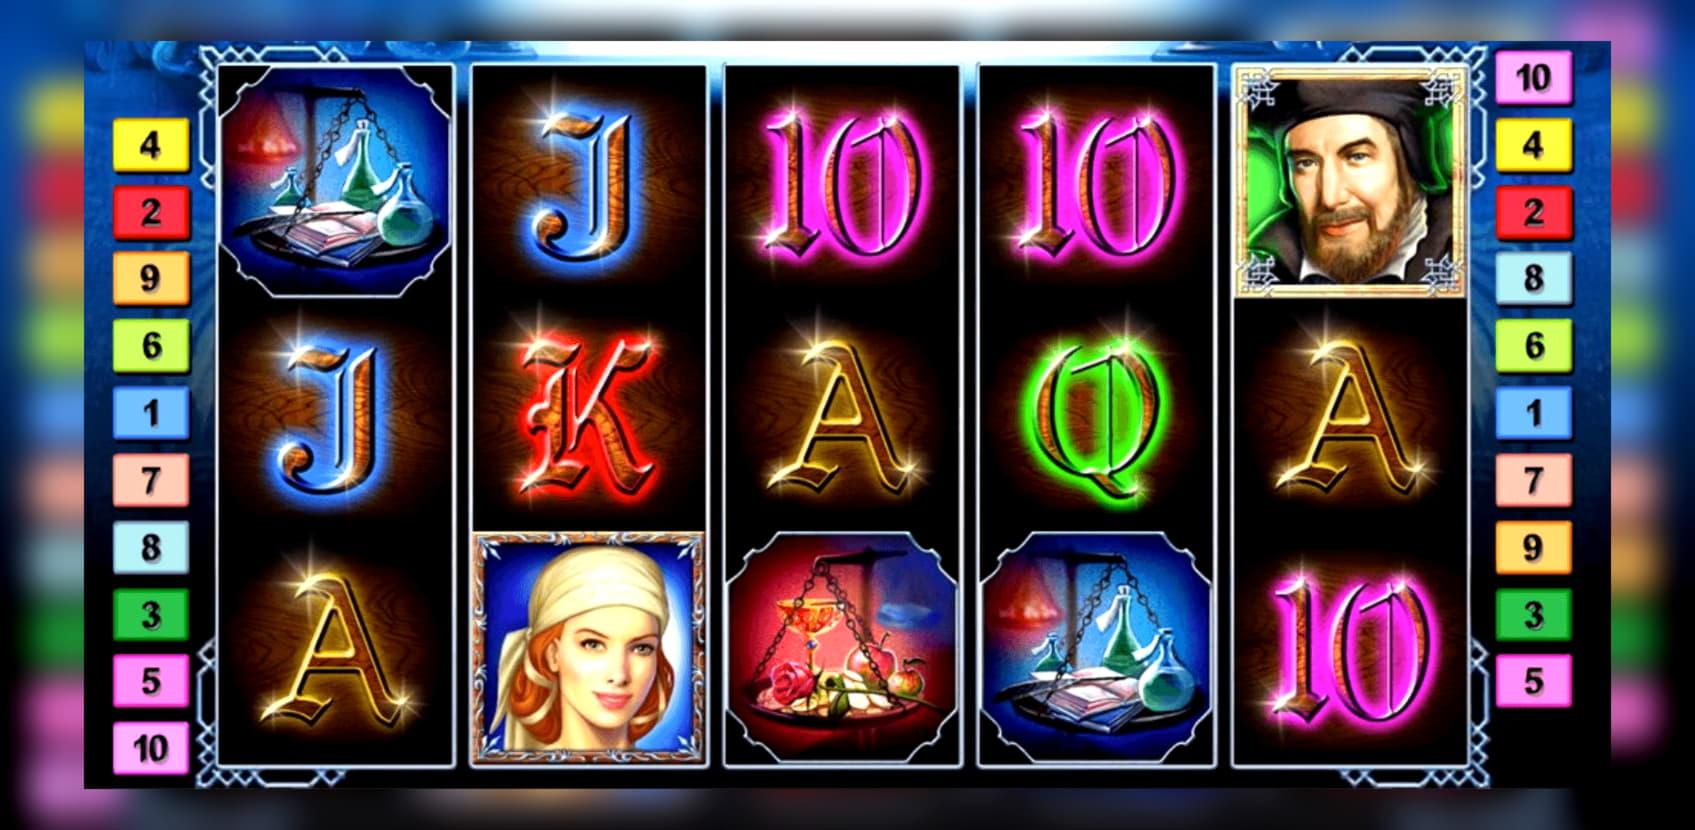 € 95 ทัวร์นาเมนต์คาสิโนฟรีที่ Ignition Casino